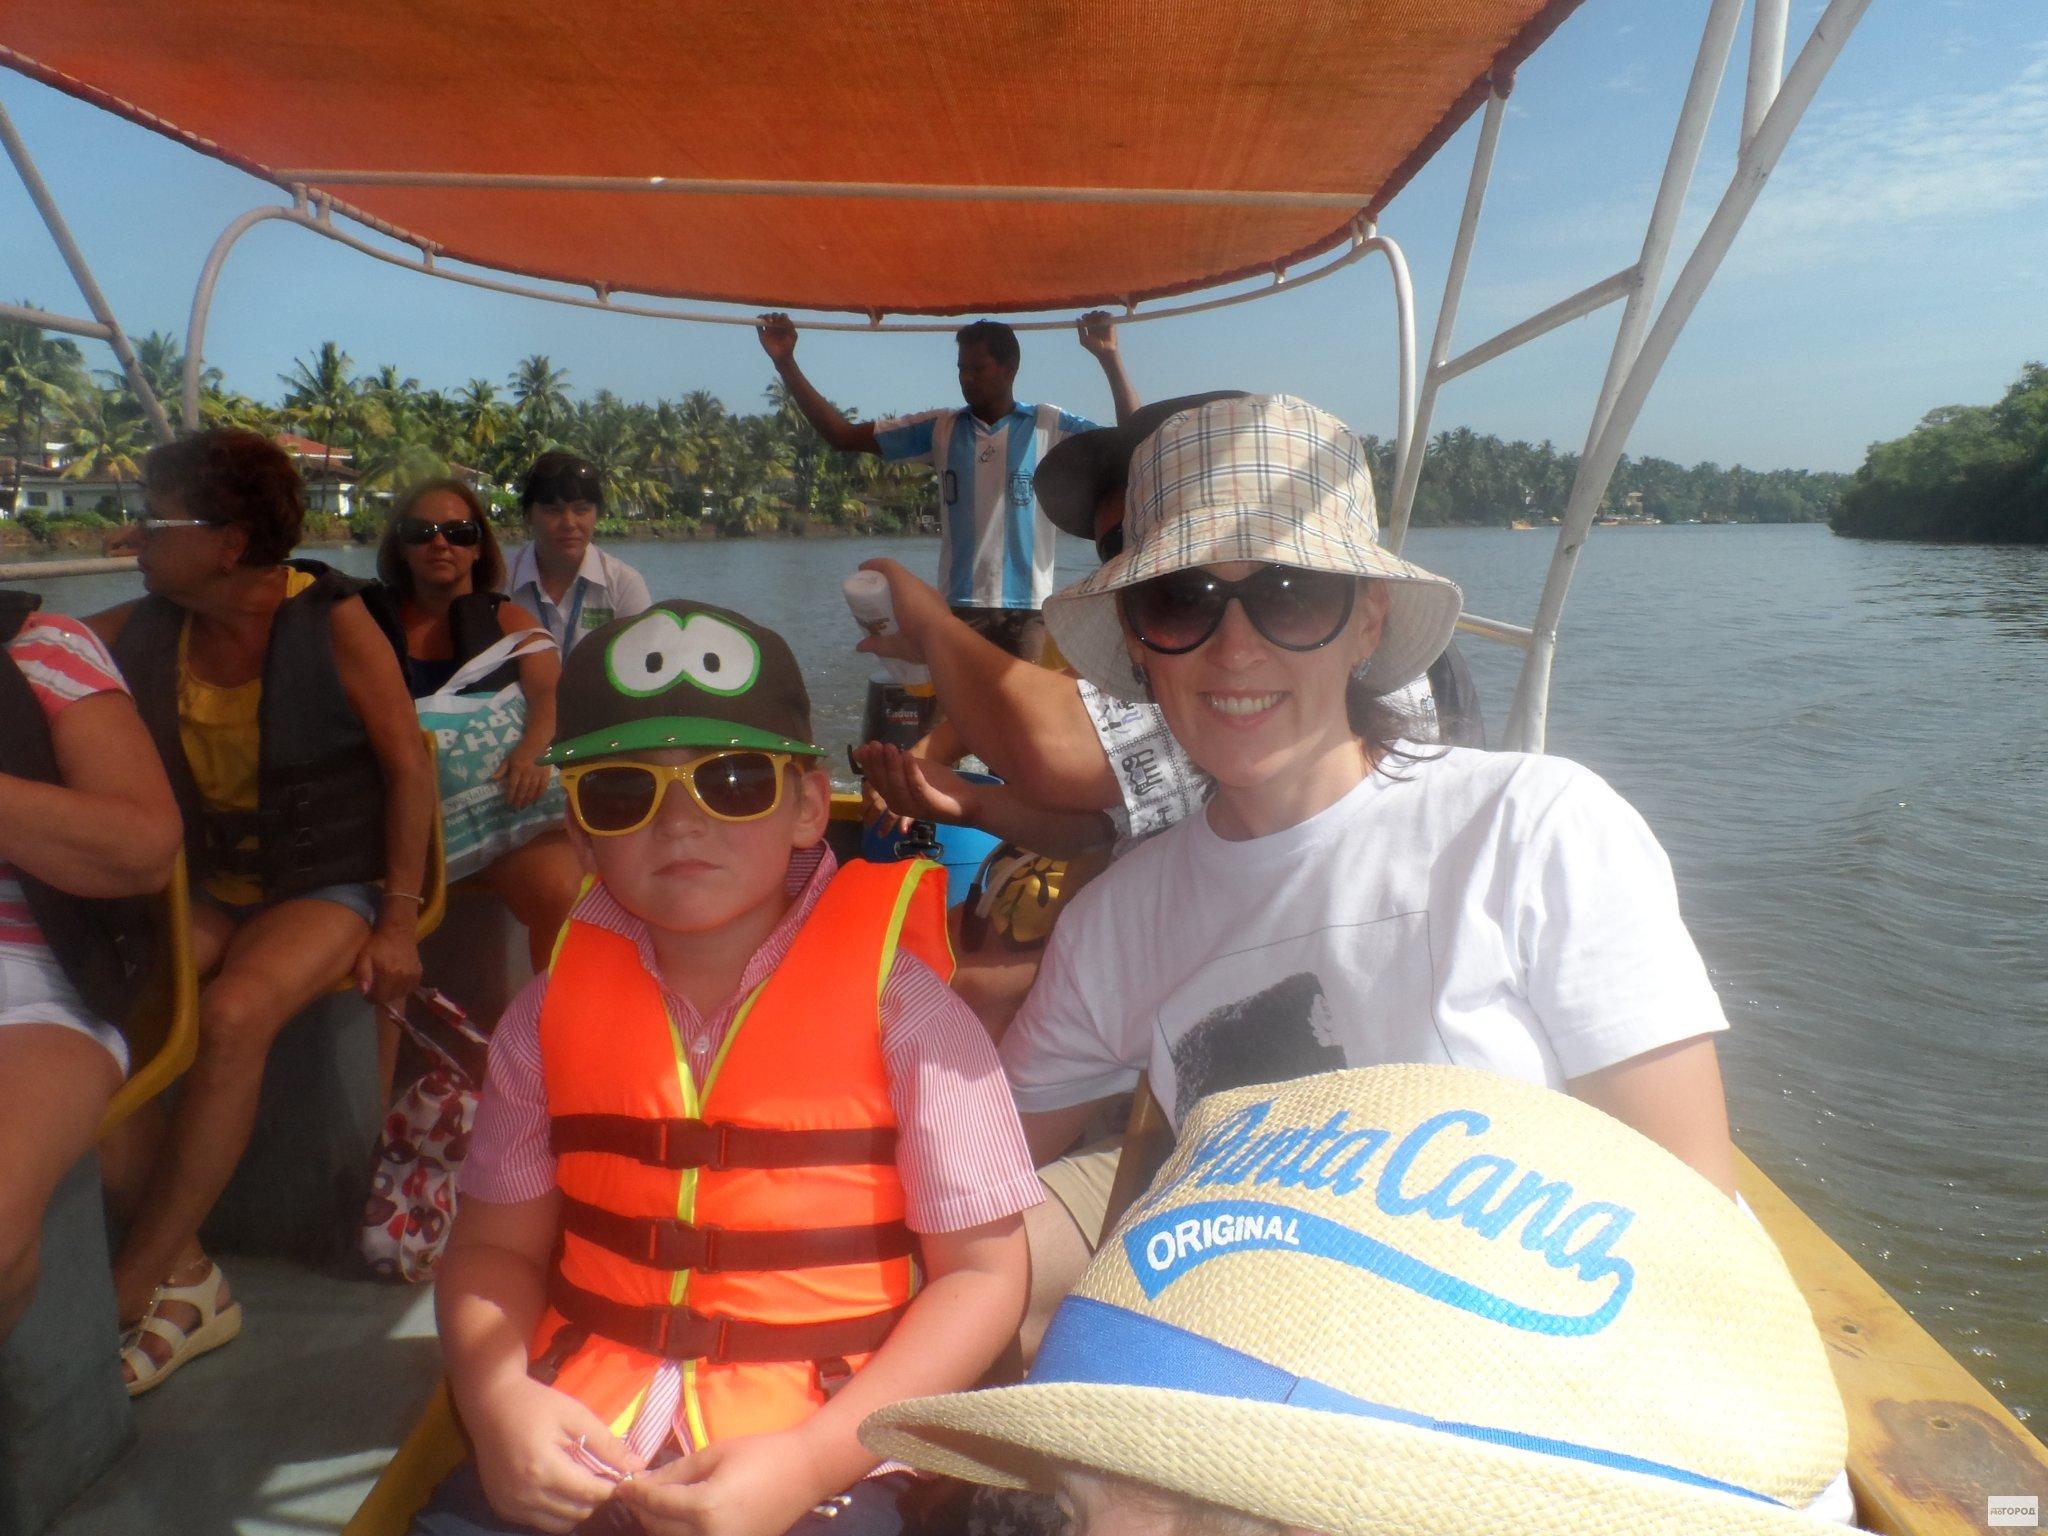 Семья из Слободского чудом спаслась при крушении судна в Индии